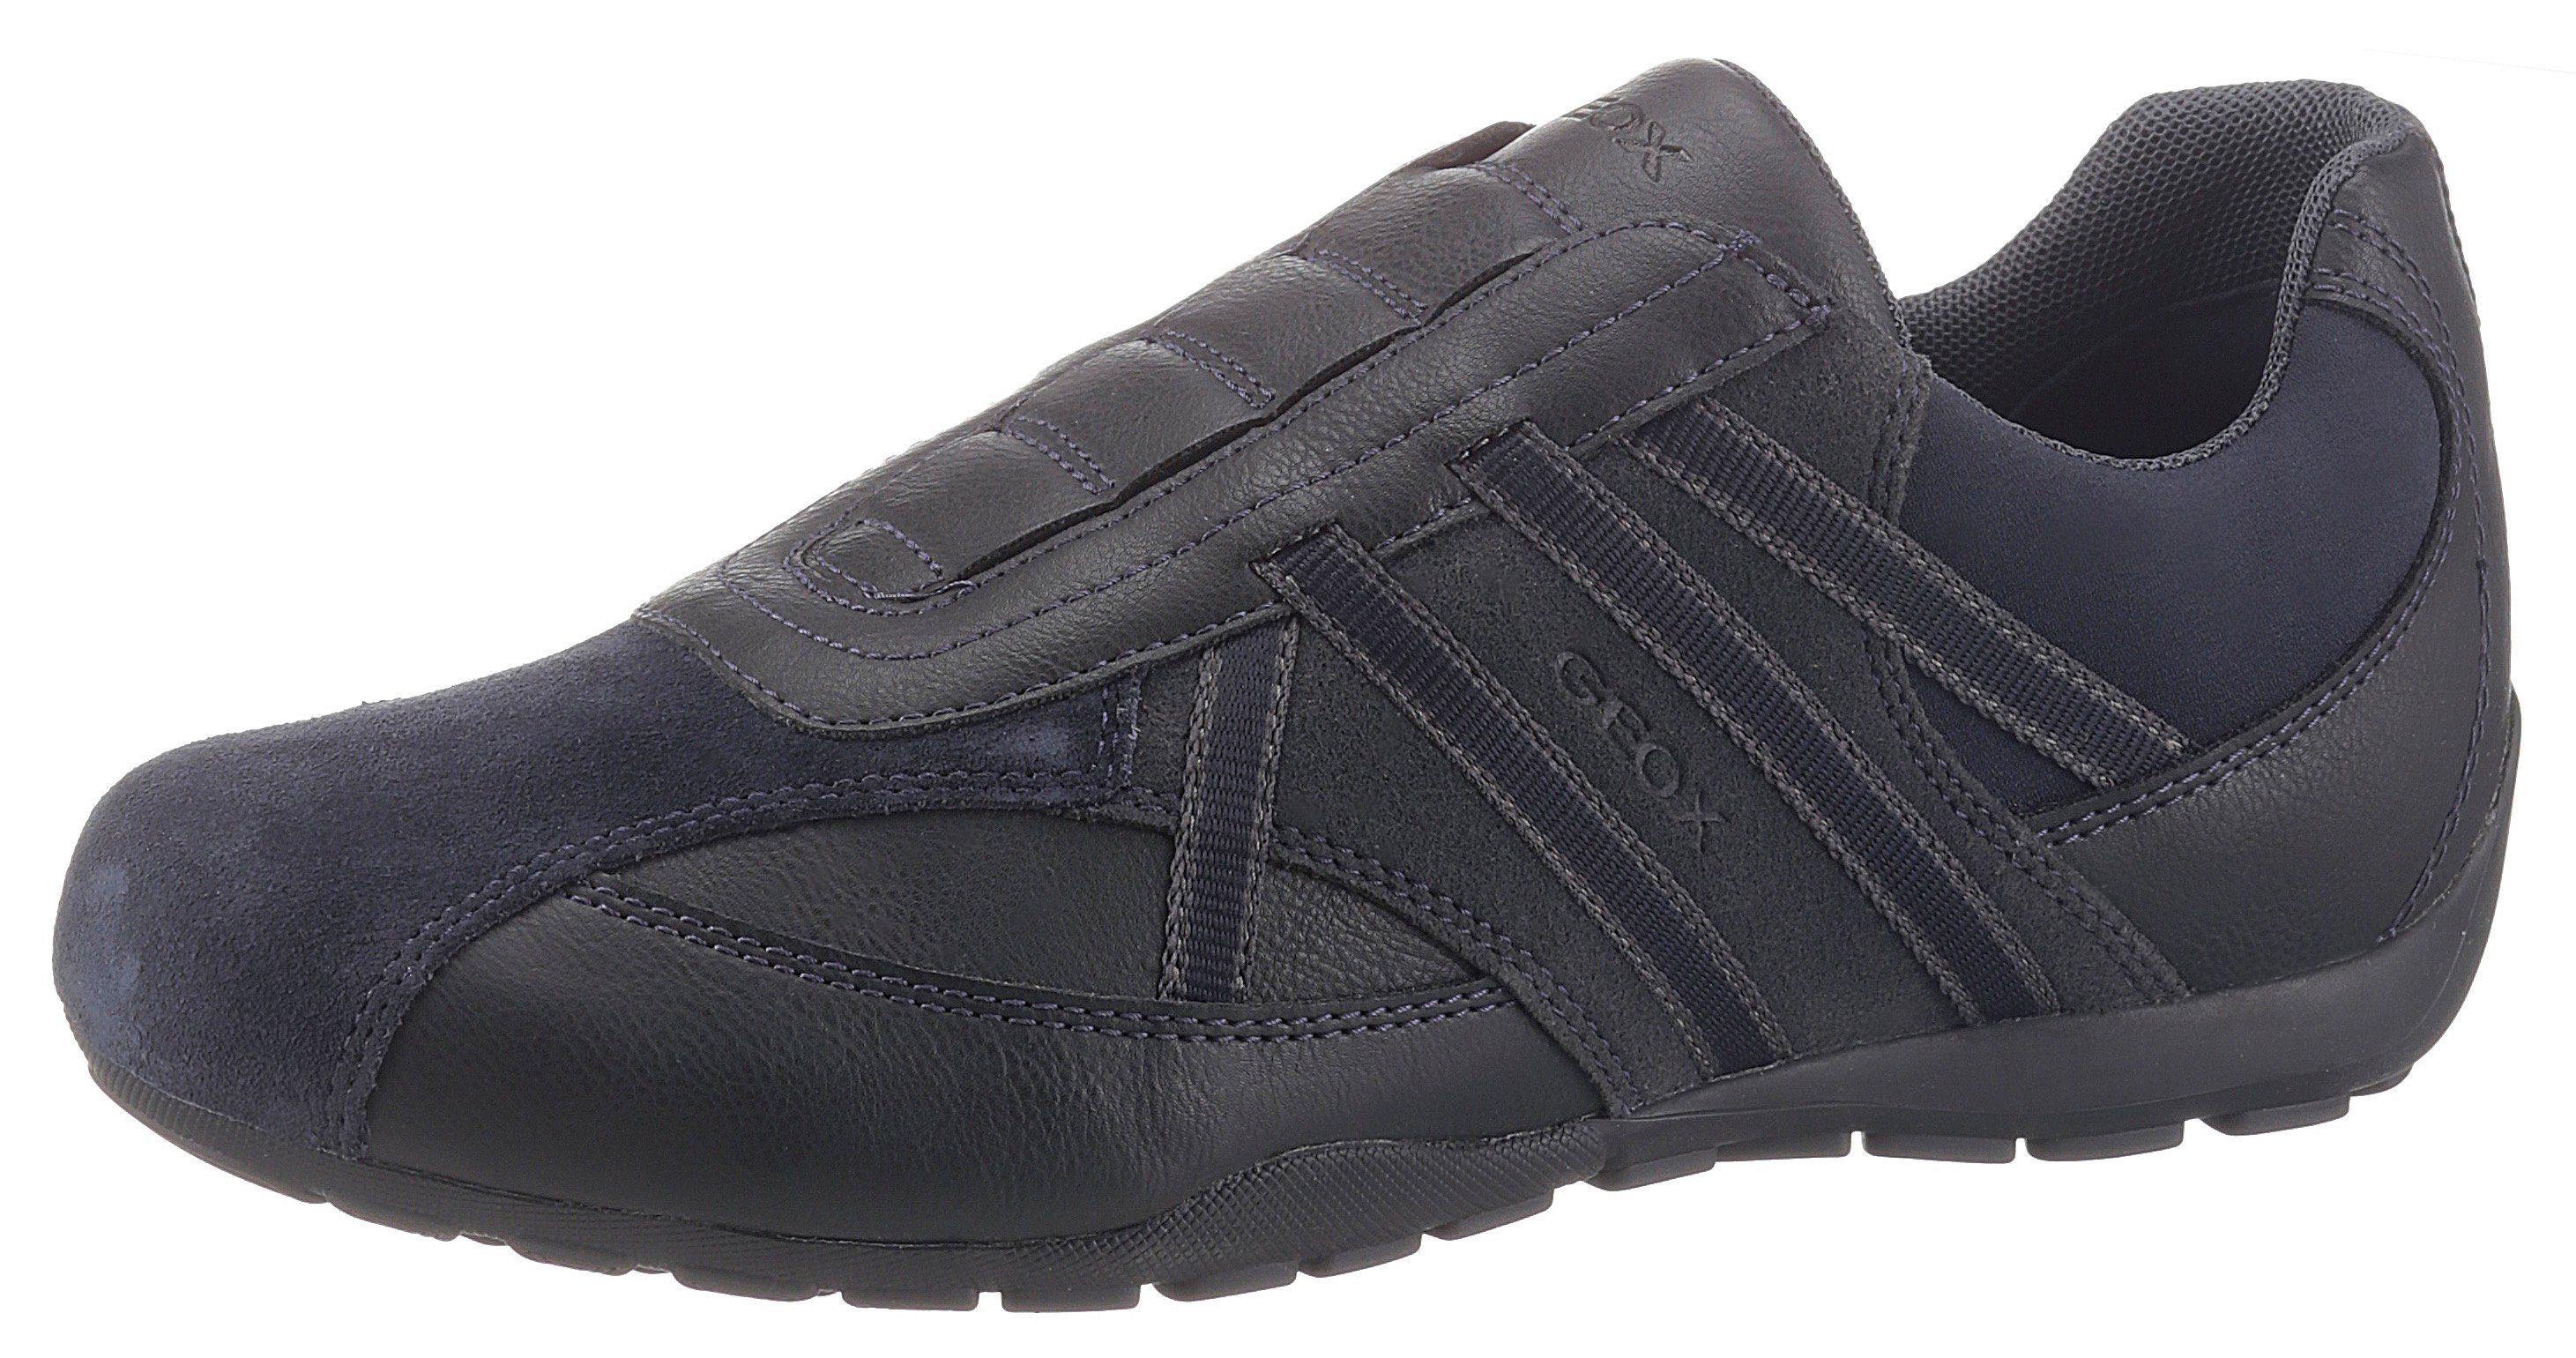 Geox »Ravex« Slip On Sneaker mit Gummizug kaufen | OTTO